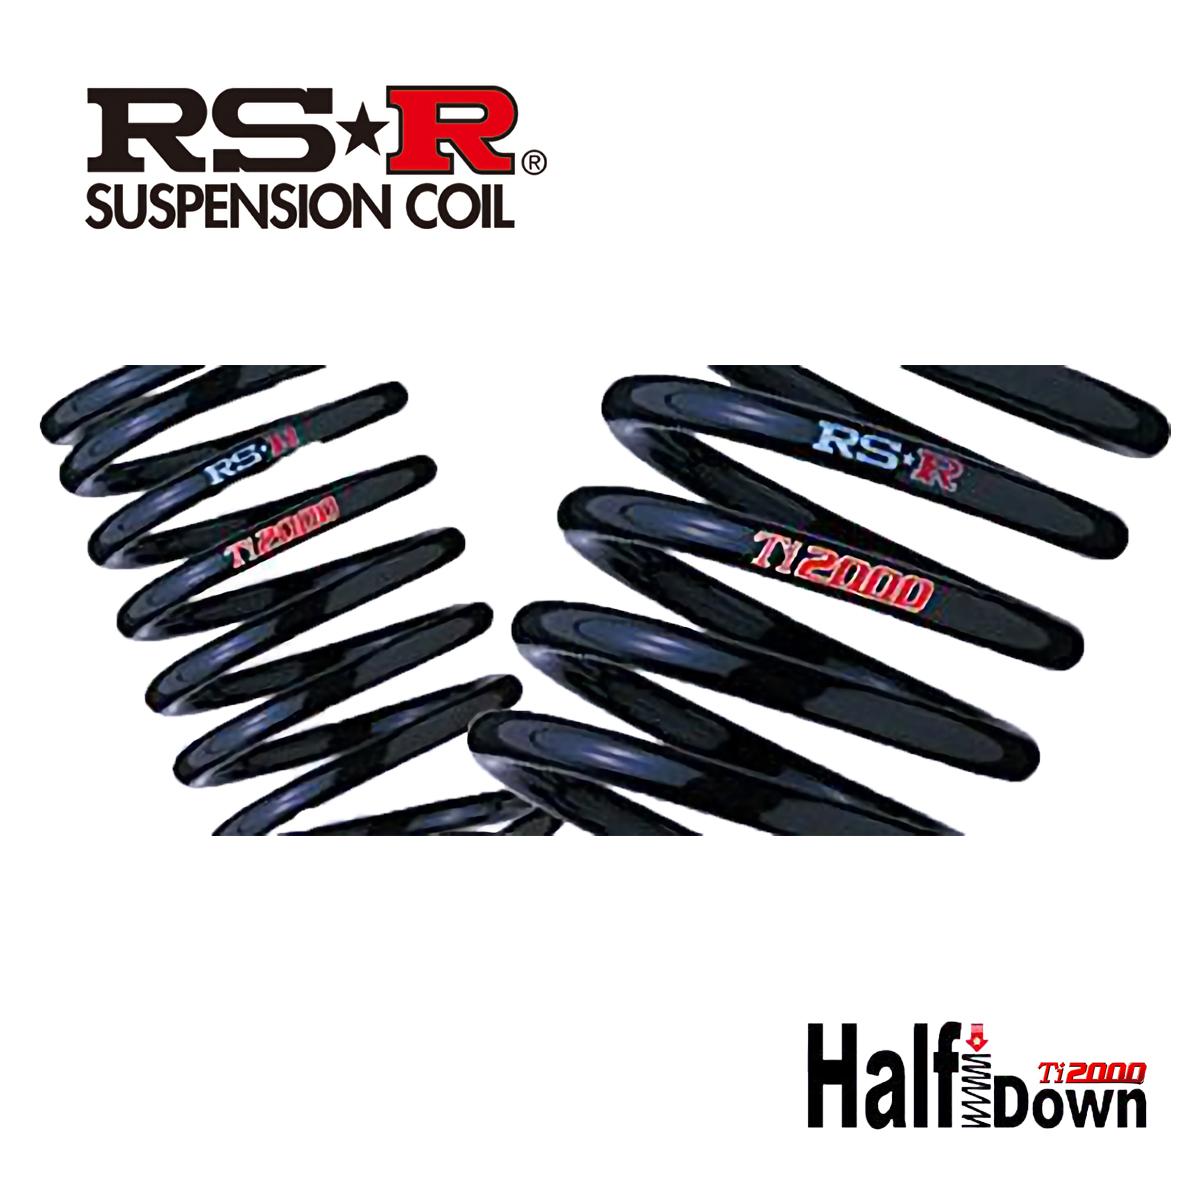 RS-R アクア NHP10 Gブラックソフトレザーコレクション ダウンサス スプリング フロント T105THDF Ti2000 ハーフダウン RSR 個人宅発送追金有